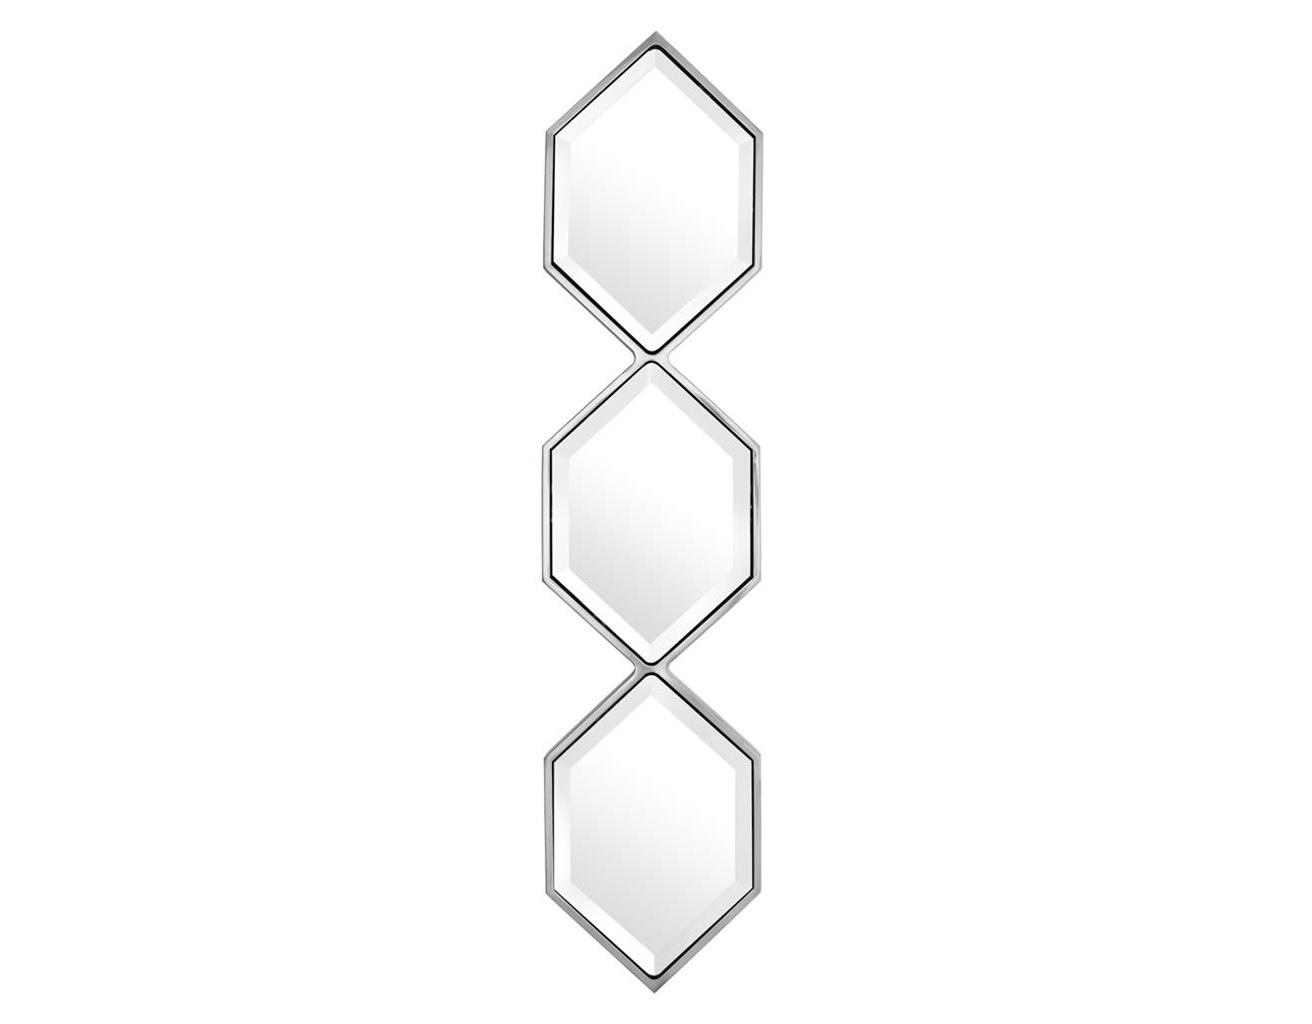 Зеркало SaronnoНастенные зеркала<br><br><br>Material: Металл<br>Width см: 25<br>Height см: 110